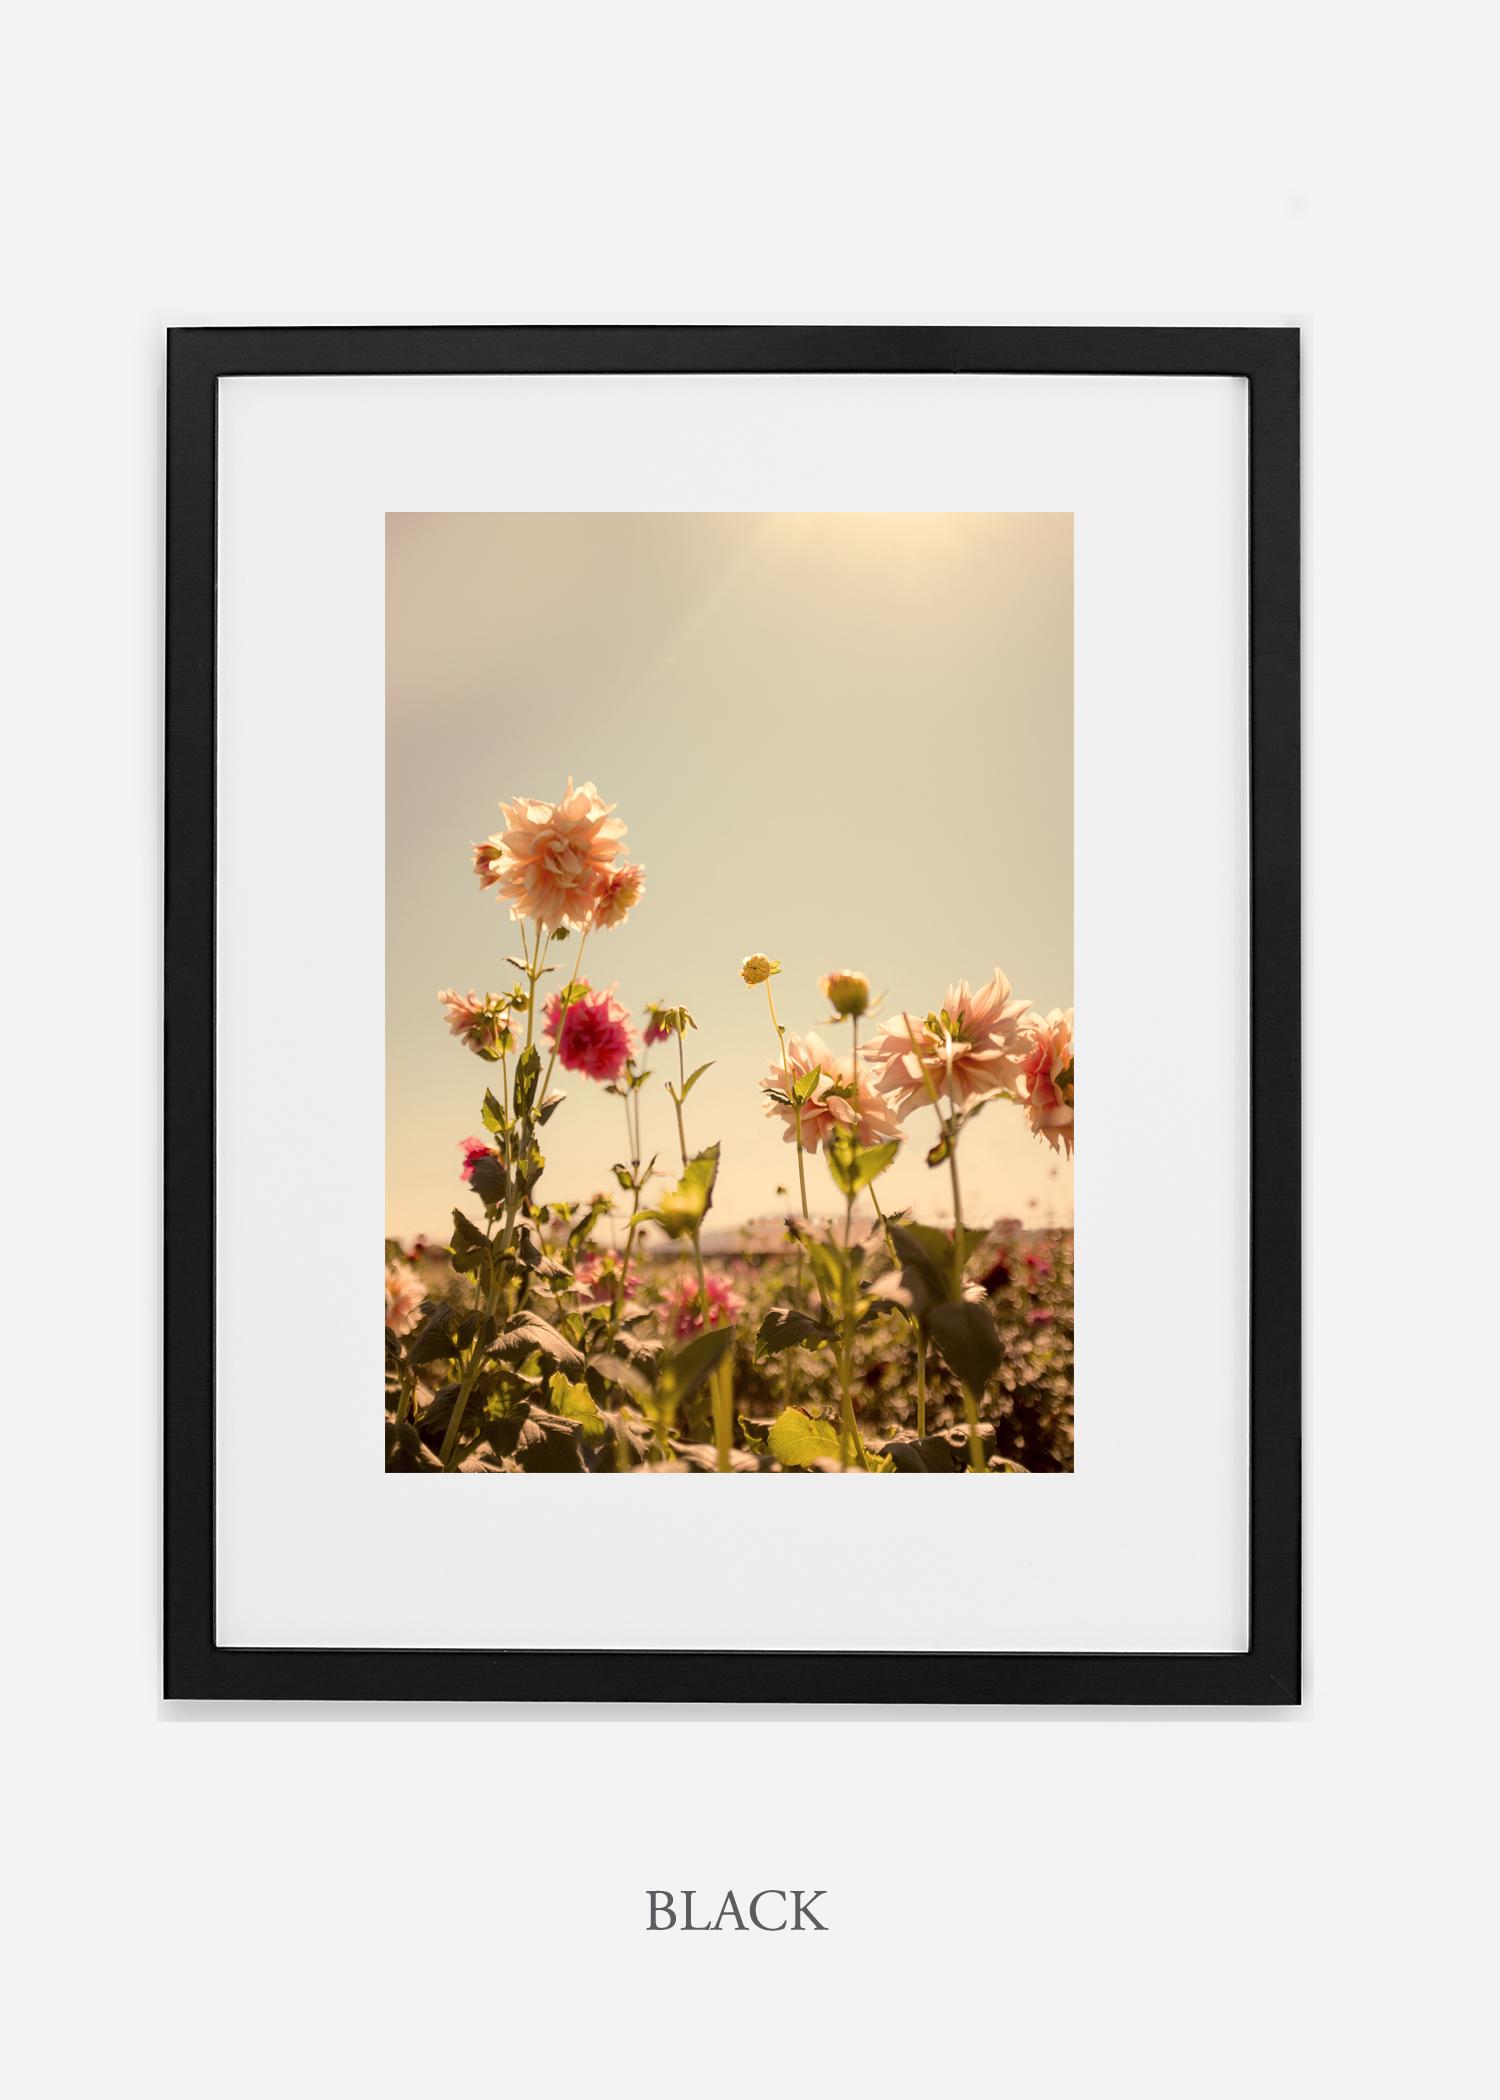 DahliaNo.3_blackframe__mat_interiordesign_botanicalprint_art.jpg